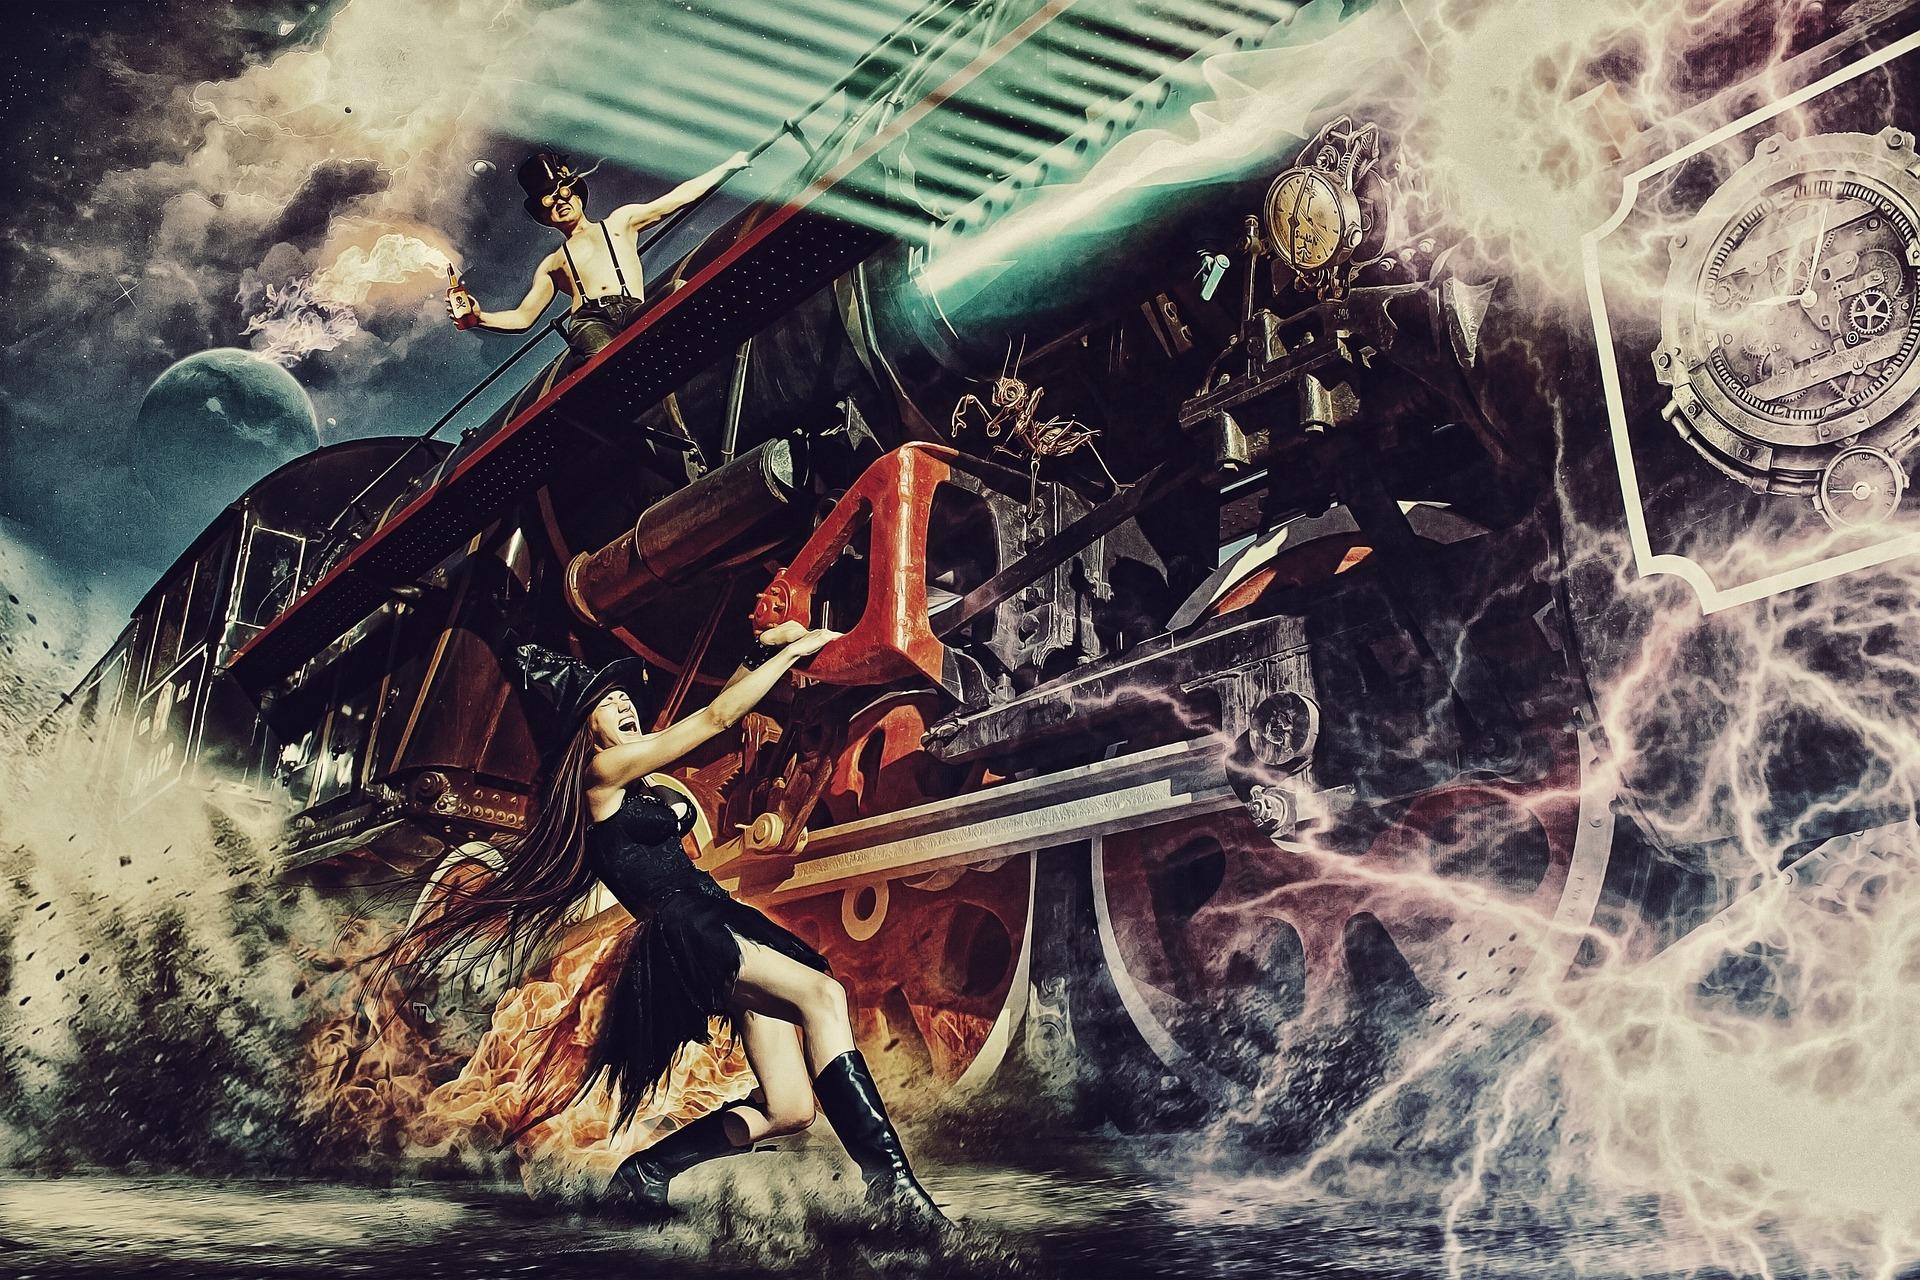 strega, treno, fuoco, macchina del tempo, surreale, Portal, energia elettrica - Sfondi HD - Professor-falken.com